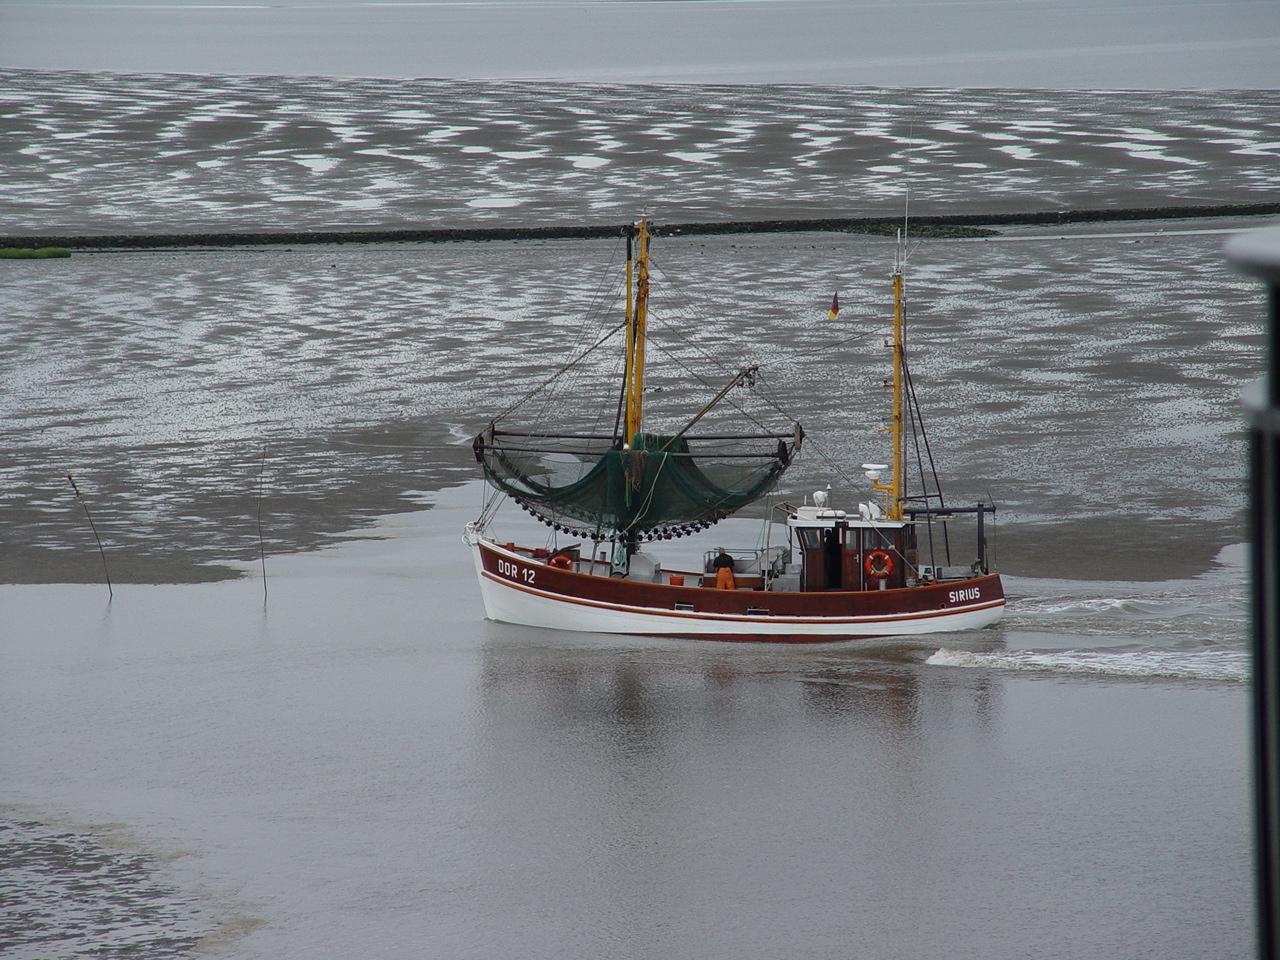 Krabbenkutter beim Einlaufen in den Hafen Dorum an der Nordsee